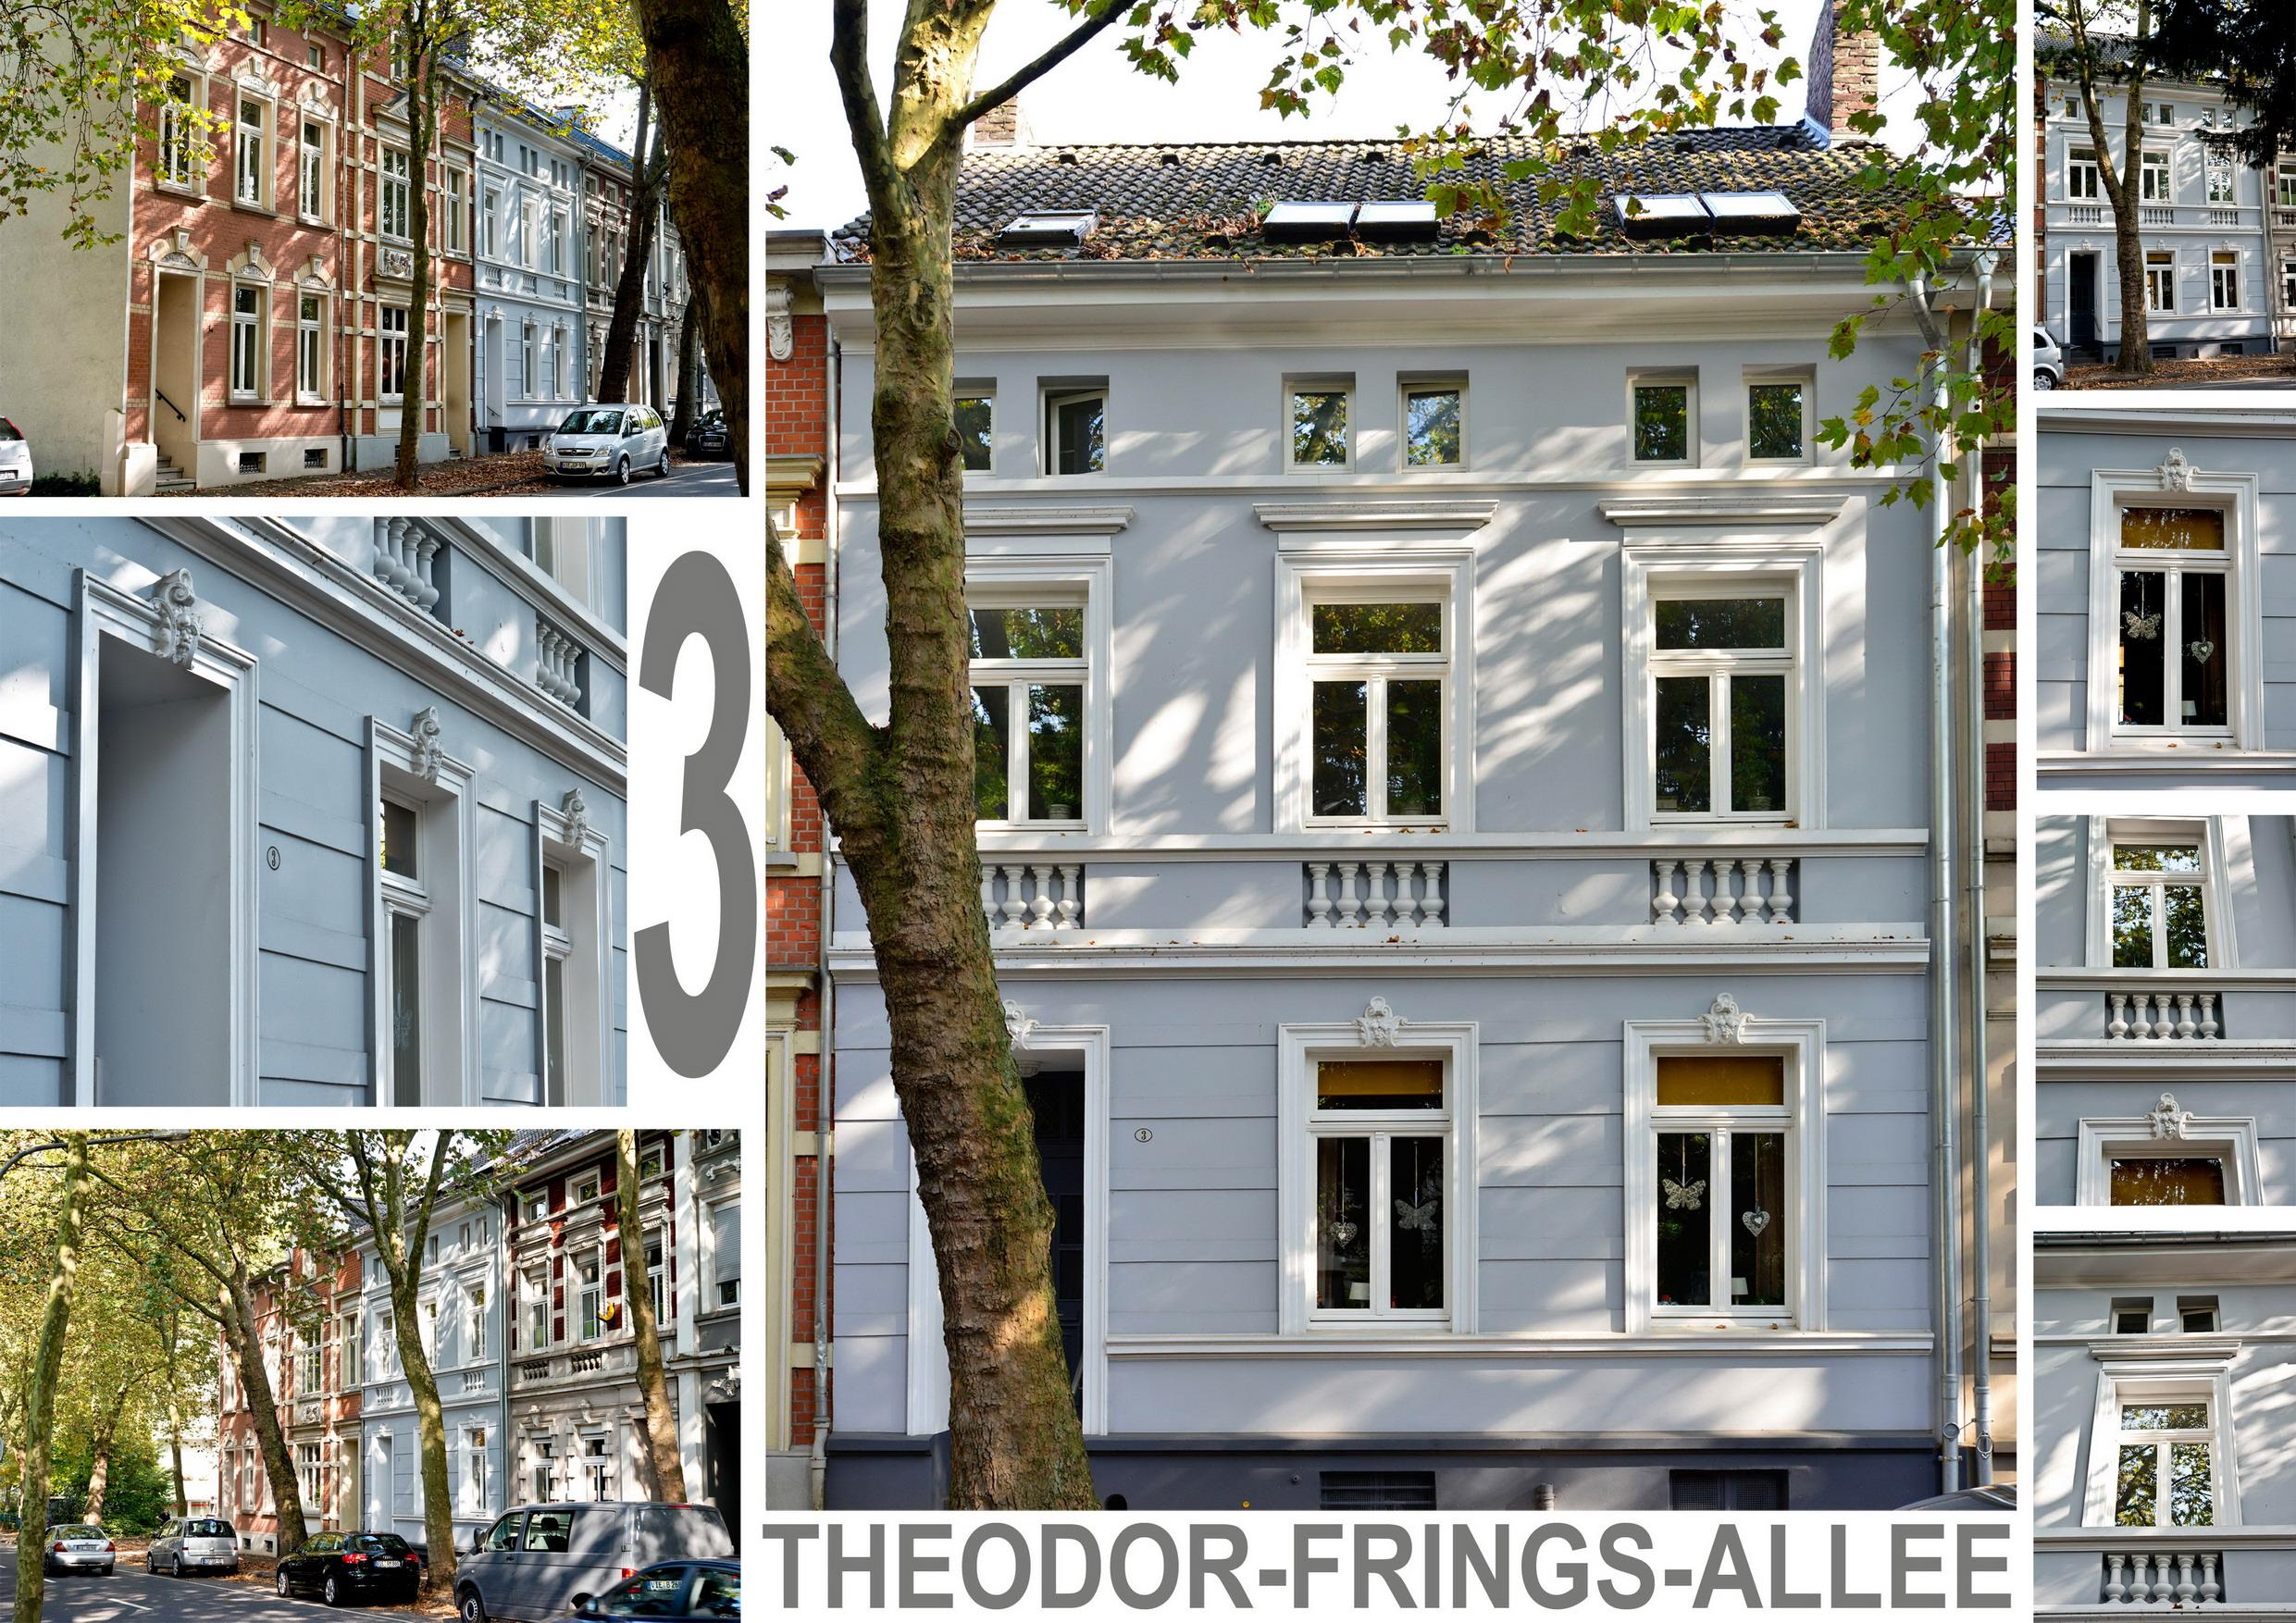 Theodor-Frings-Allee-3